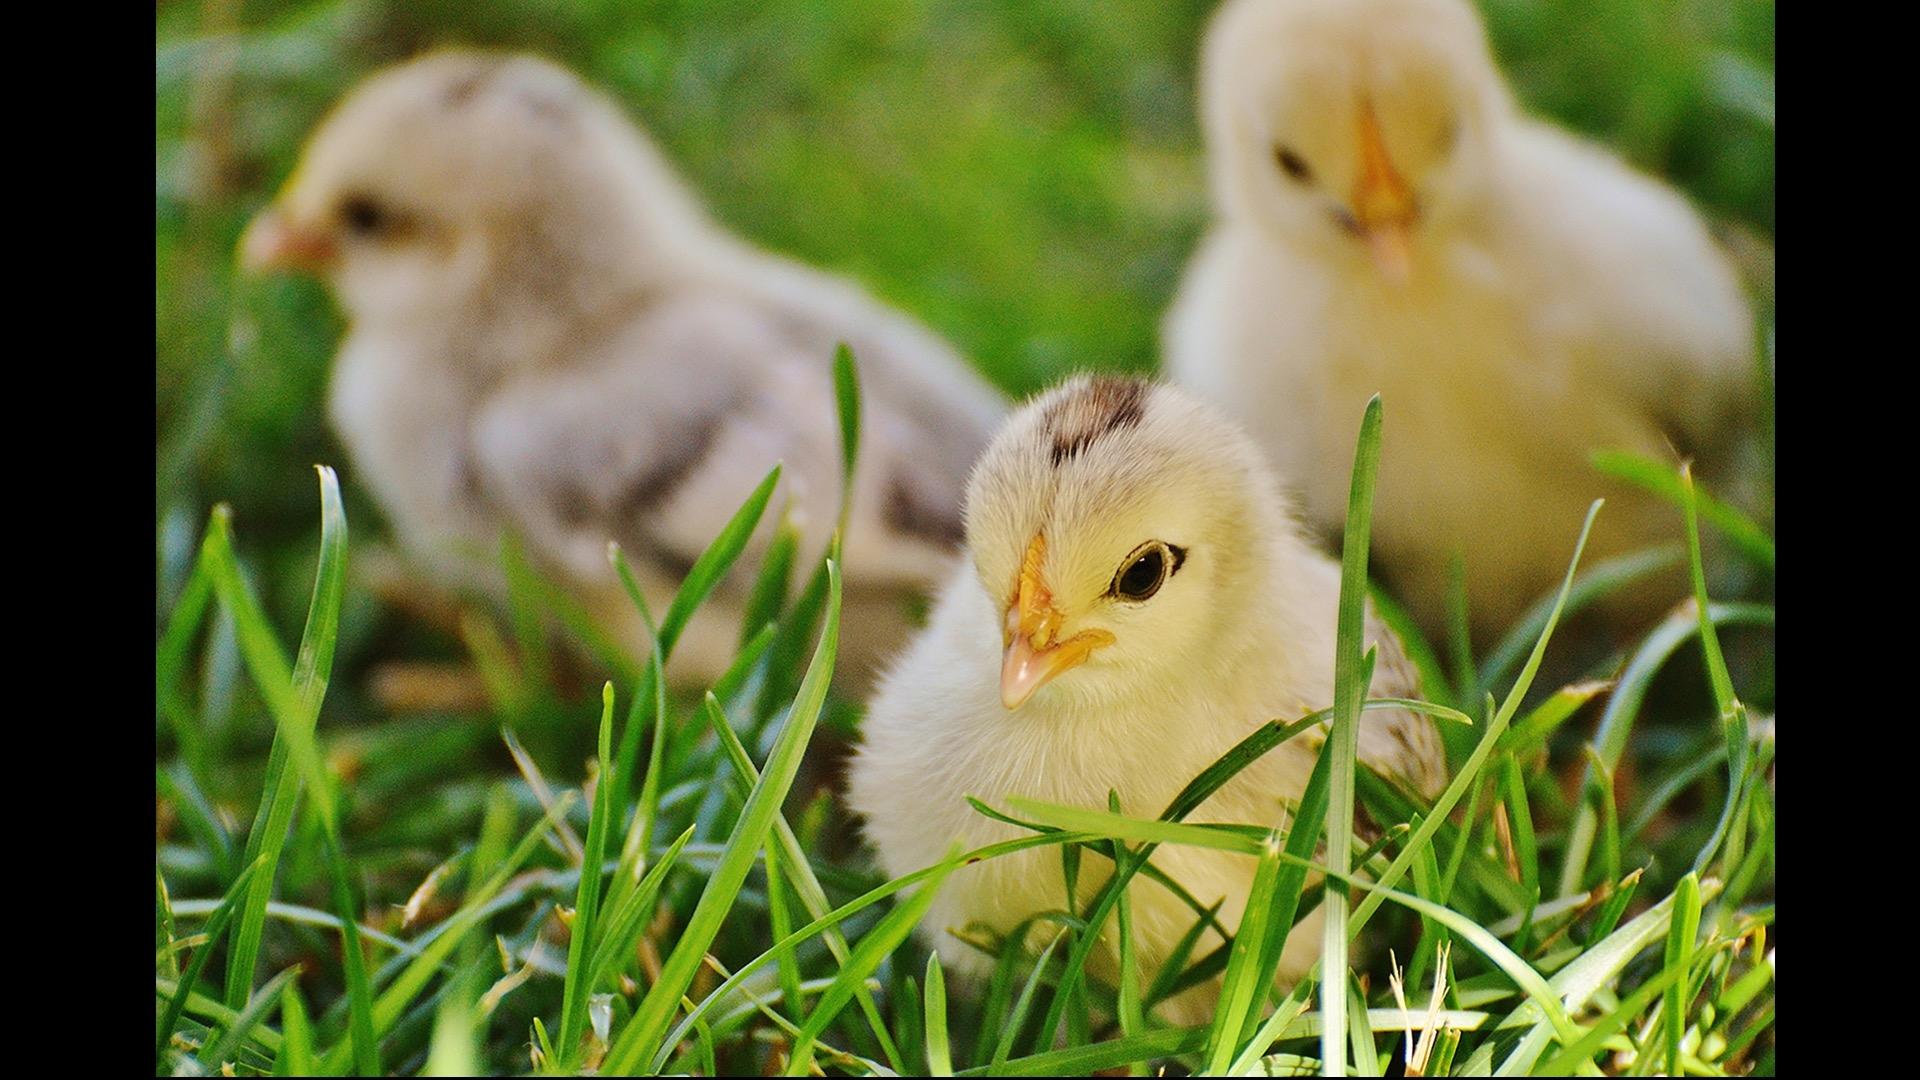 three yellow baby chicks